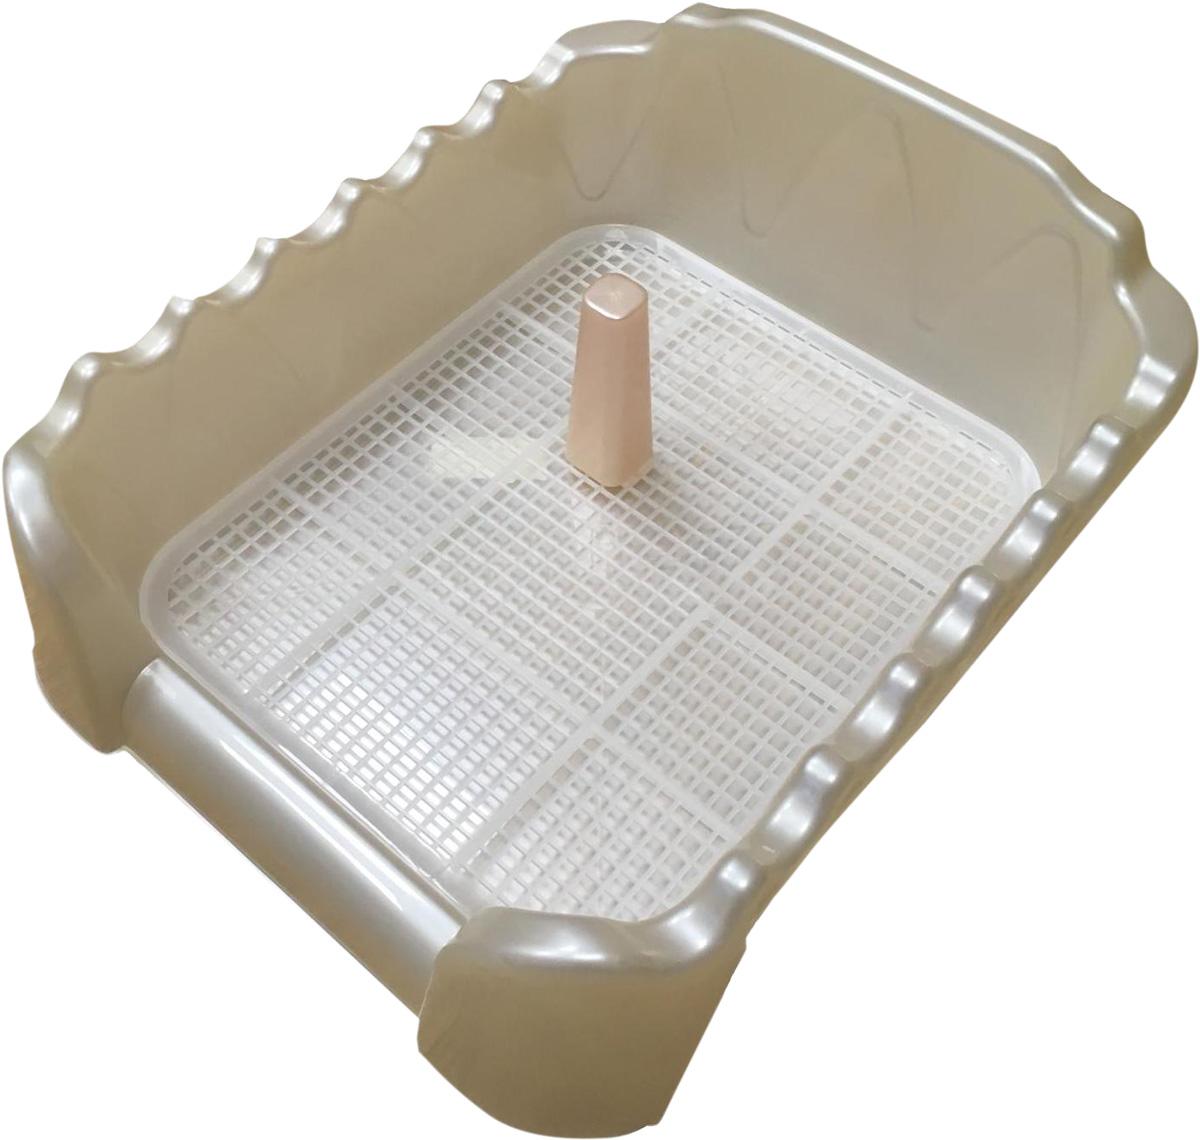 Туалет для собак со столбиком бежевый перламутр 60 х 40 см Homepet (1 шт) туалет для собак v i pet японский стиль со столбиком цвет серый молочный 48 см х 35 см х 5 см